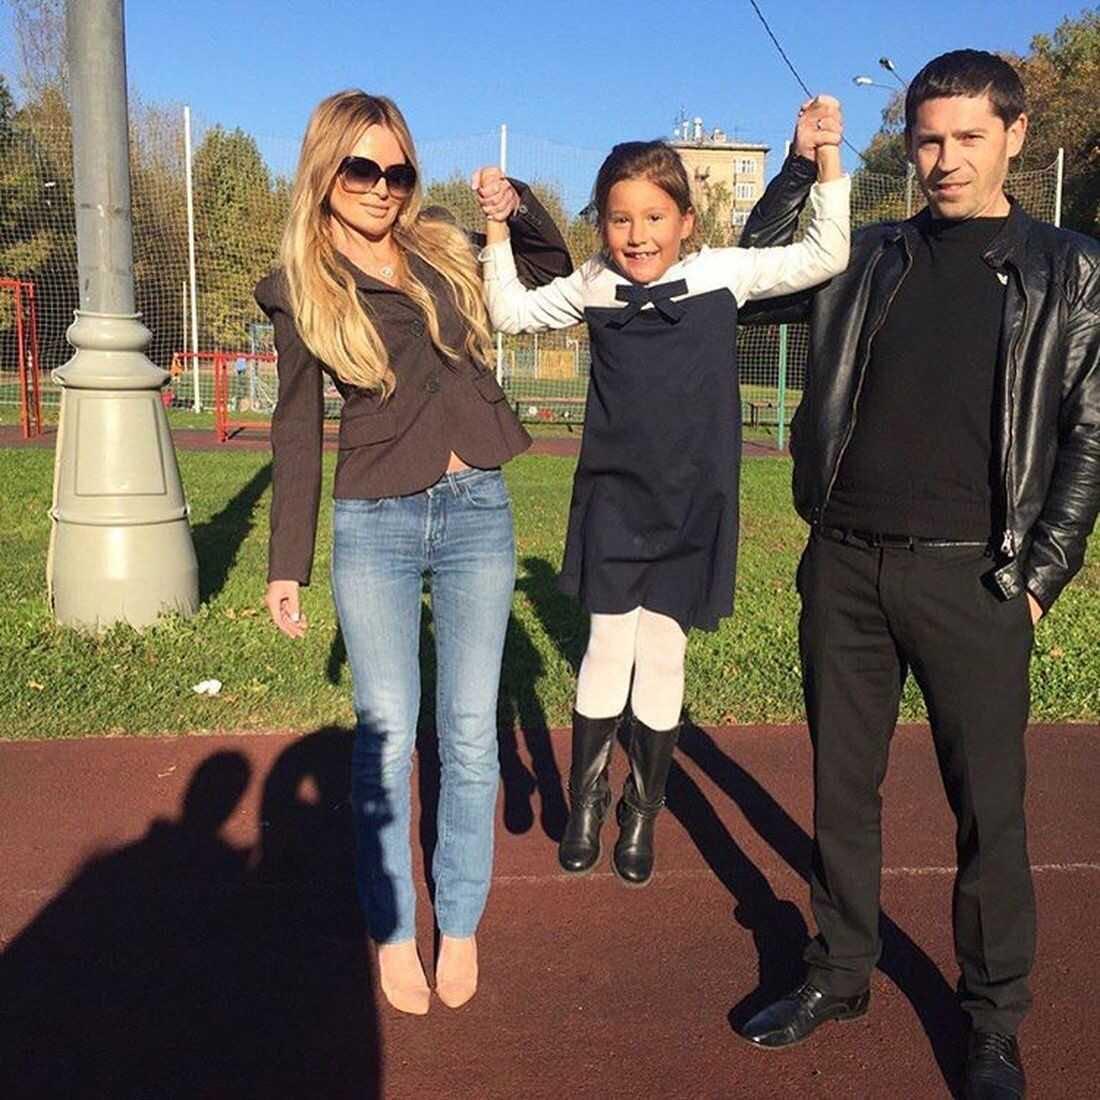 «В 42 до сих пор не женат»: Дана Борисова нелестно высказалась о своём бывшем муже